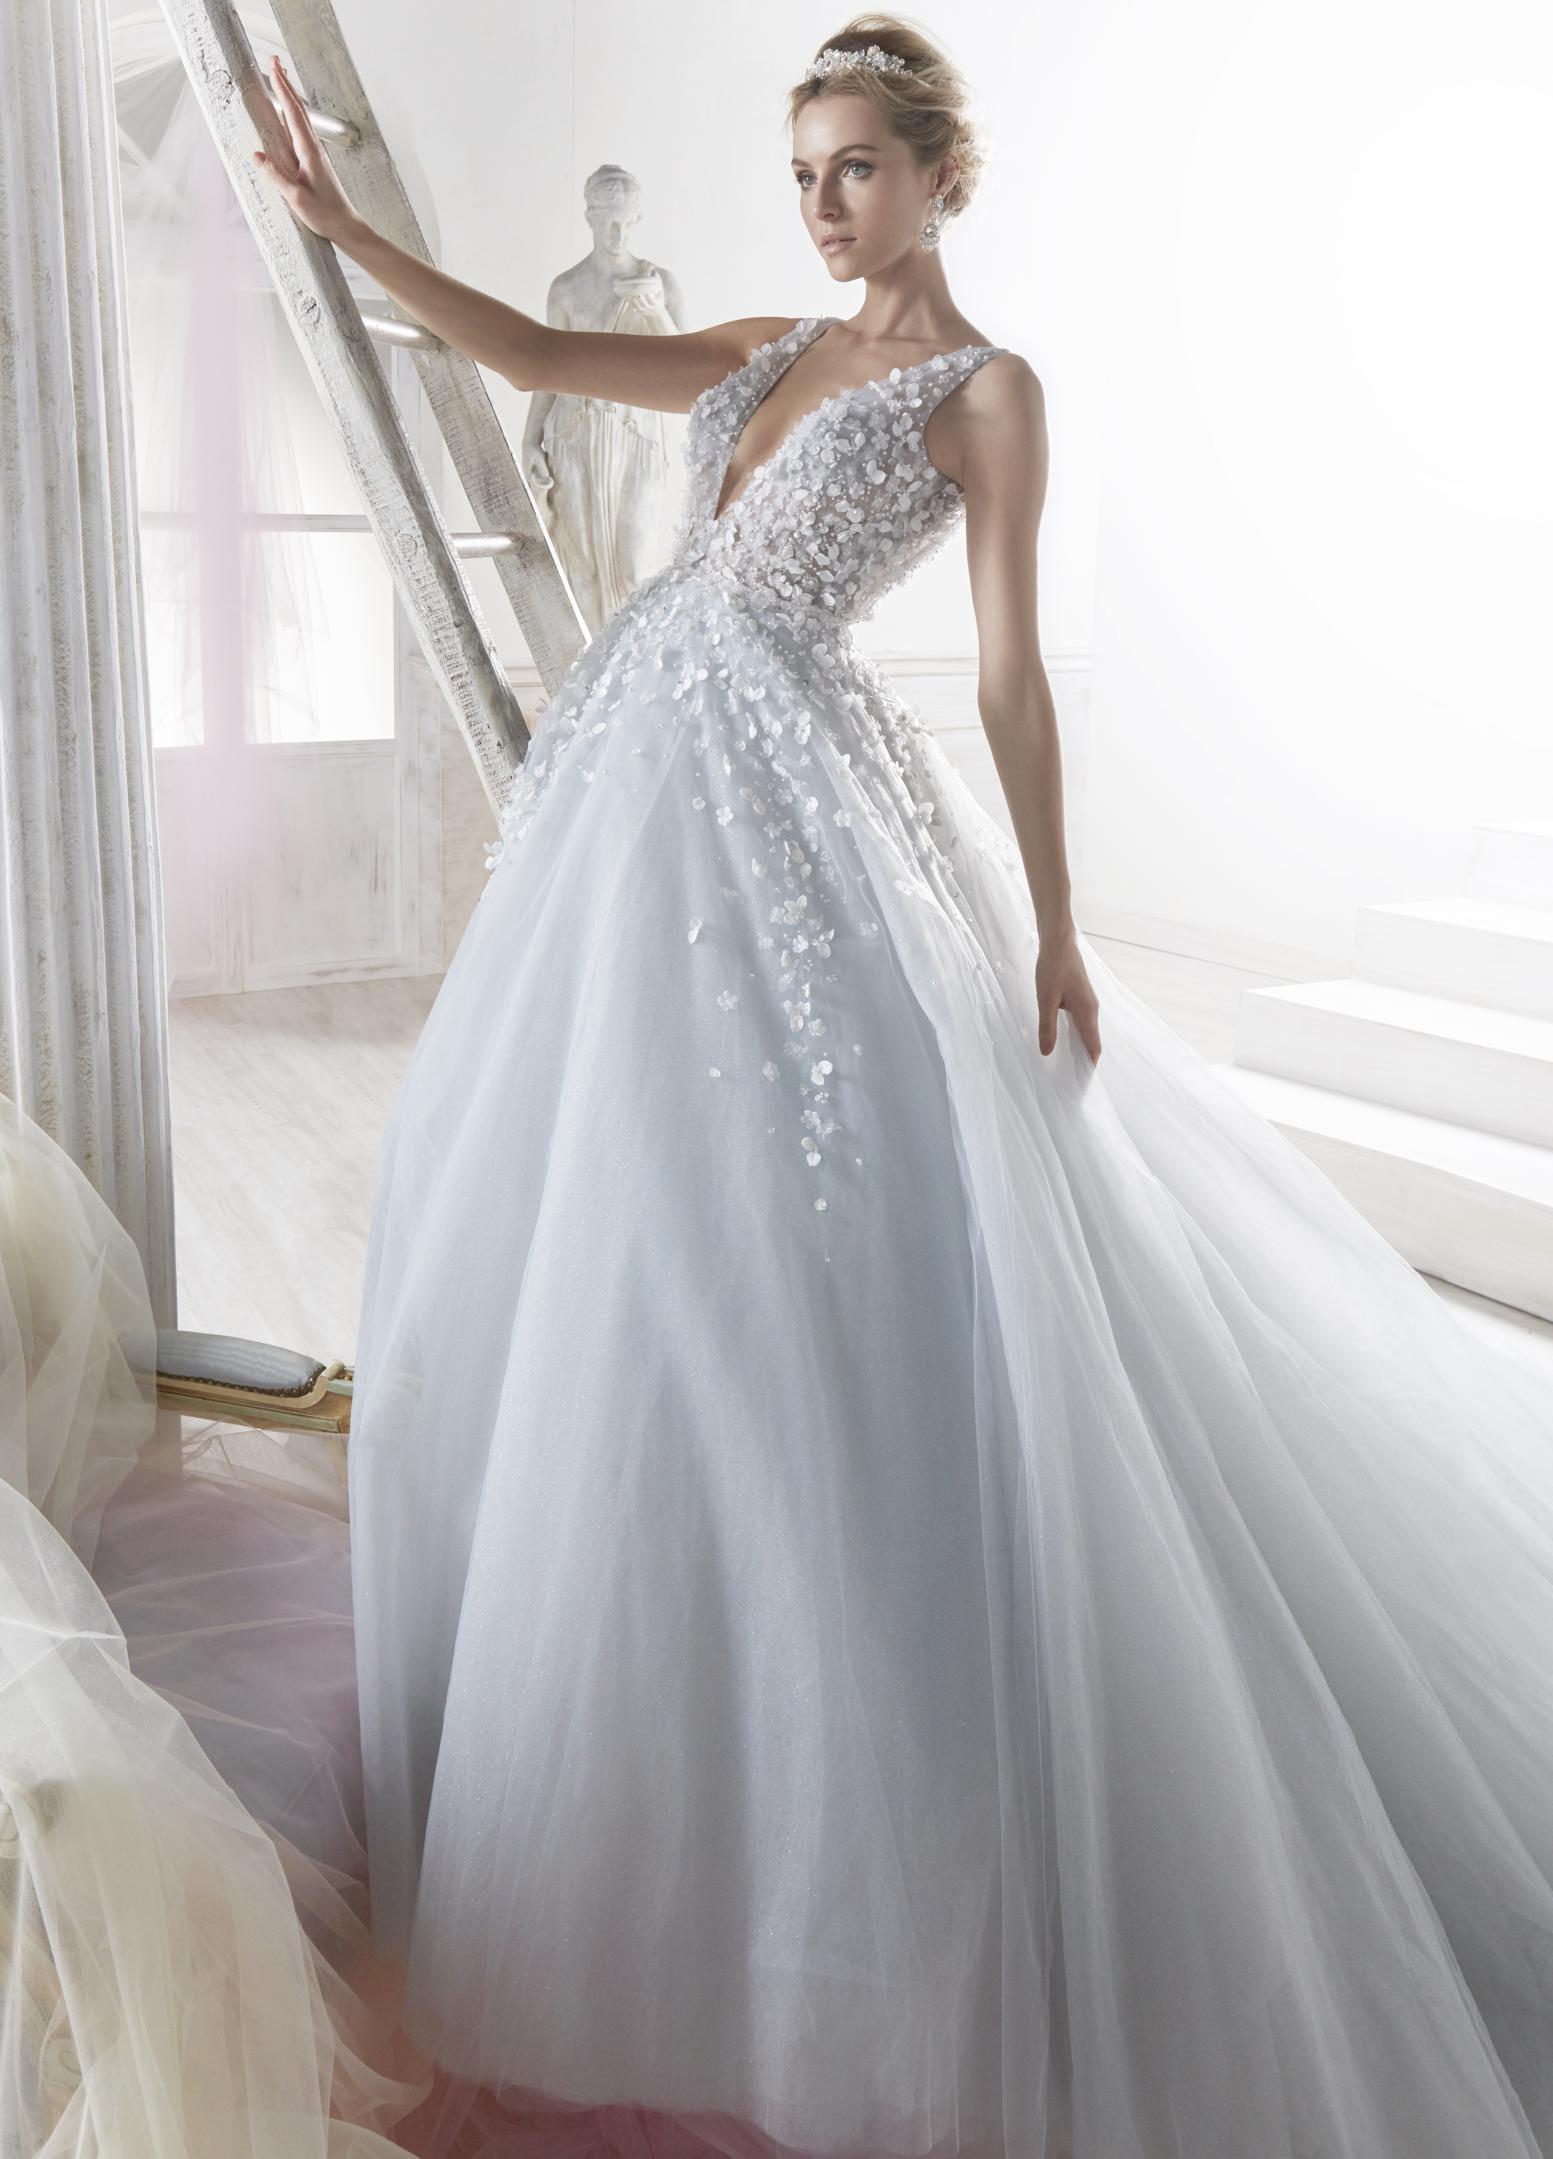 c009b01063e8 Abiti da sposa nicole puglia – Modelli alla moda di abiti 2018